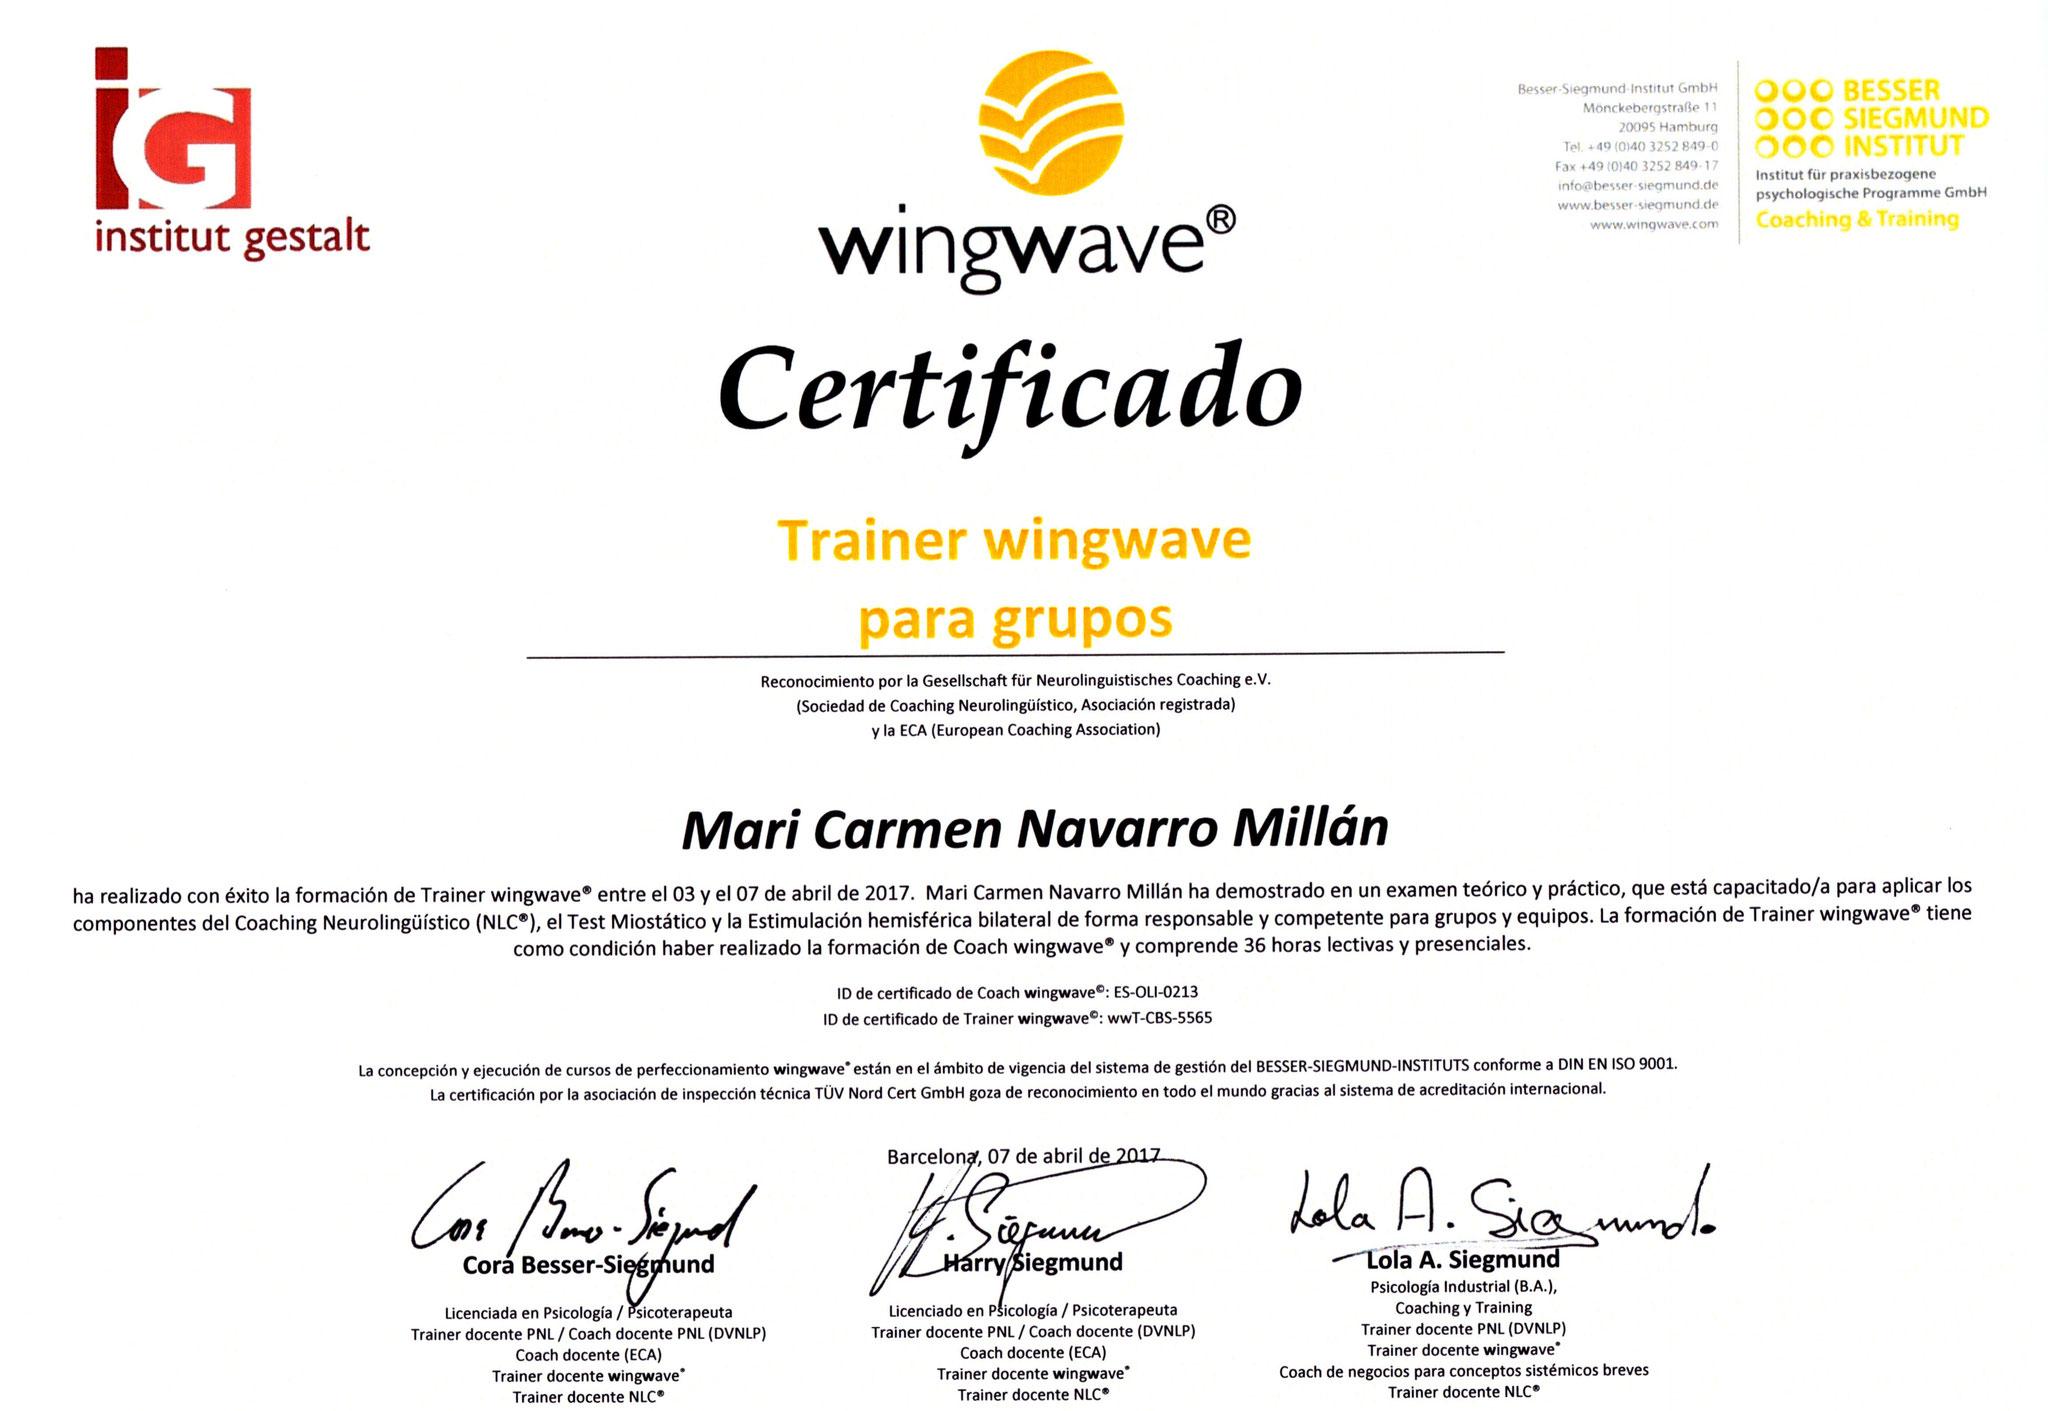 Certificación como Trainer Wingwave® para grupos